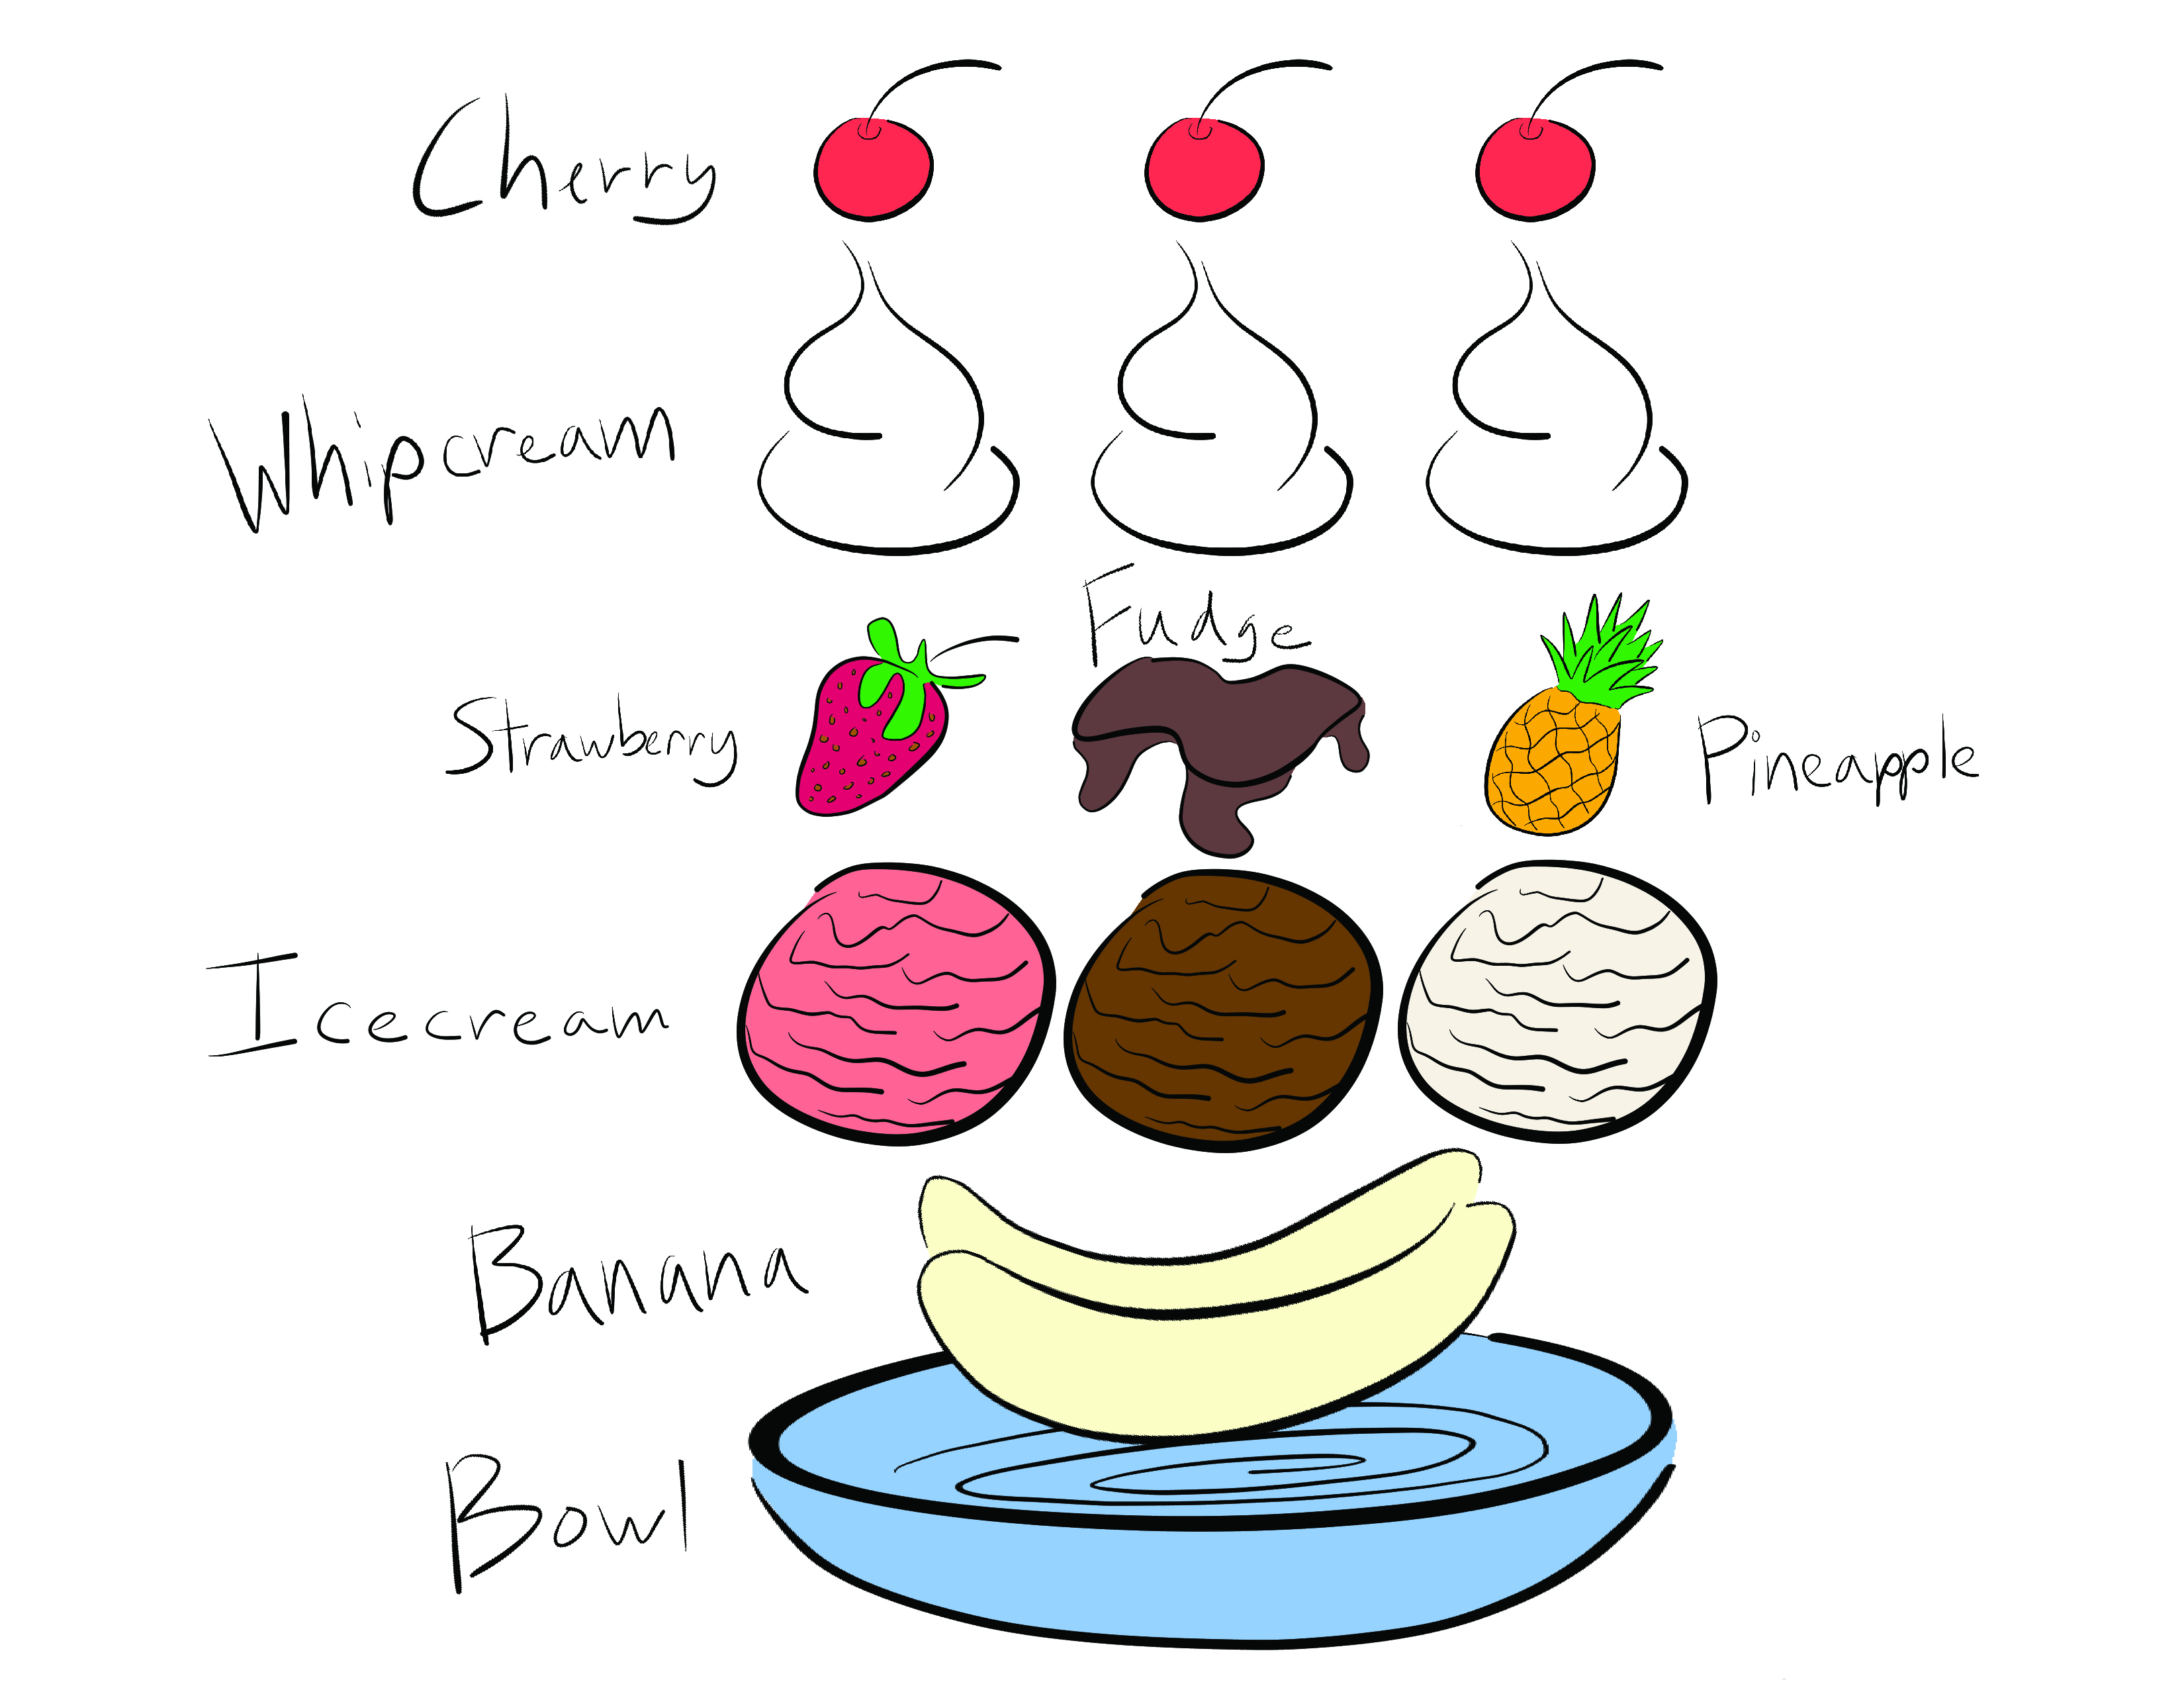 3300x2550 Dessert Diagrams Rebelord's Tech Rampancy